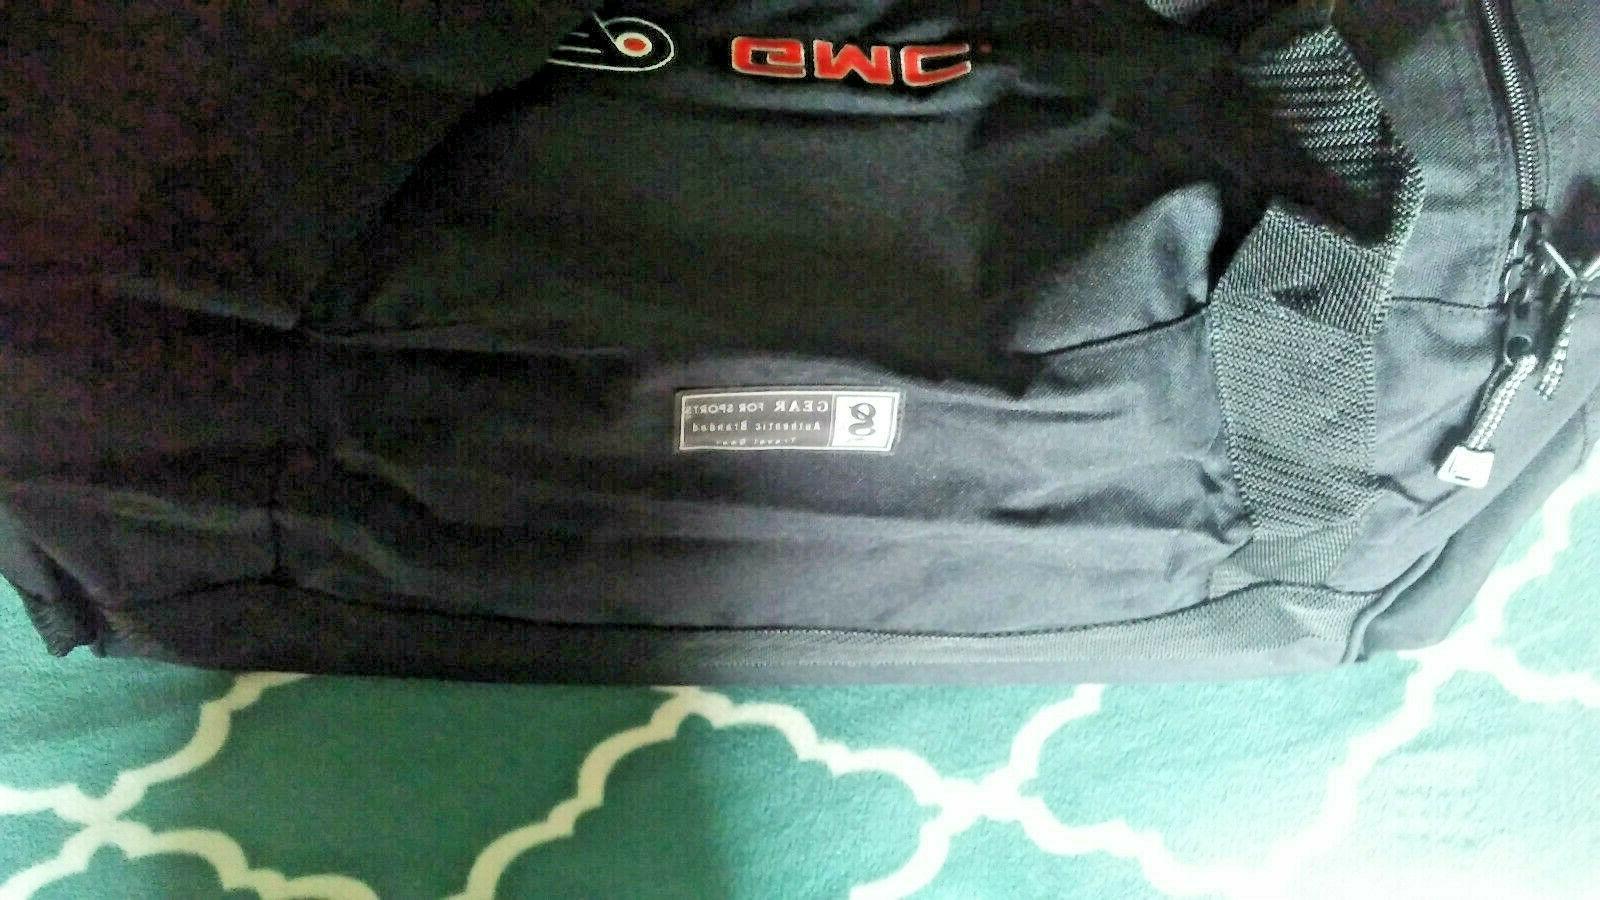 Large GMC Flyers DUFFEL Gear bag new/ Gear Sports